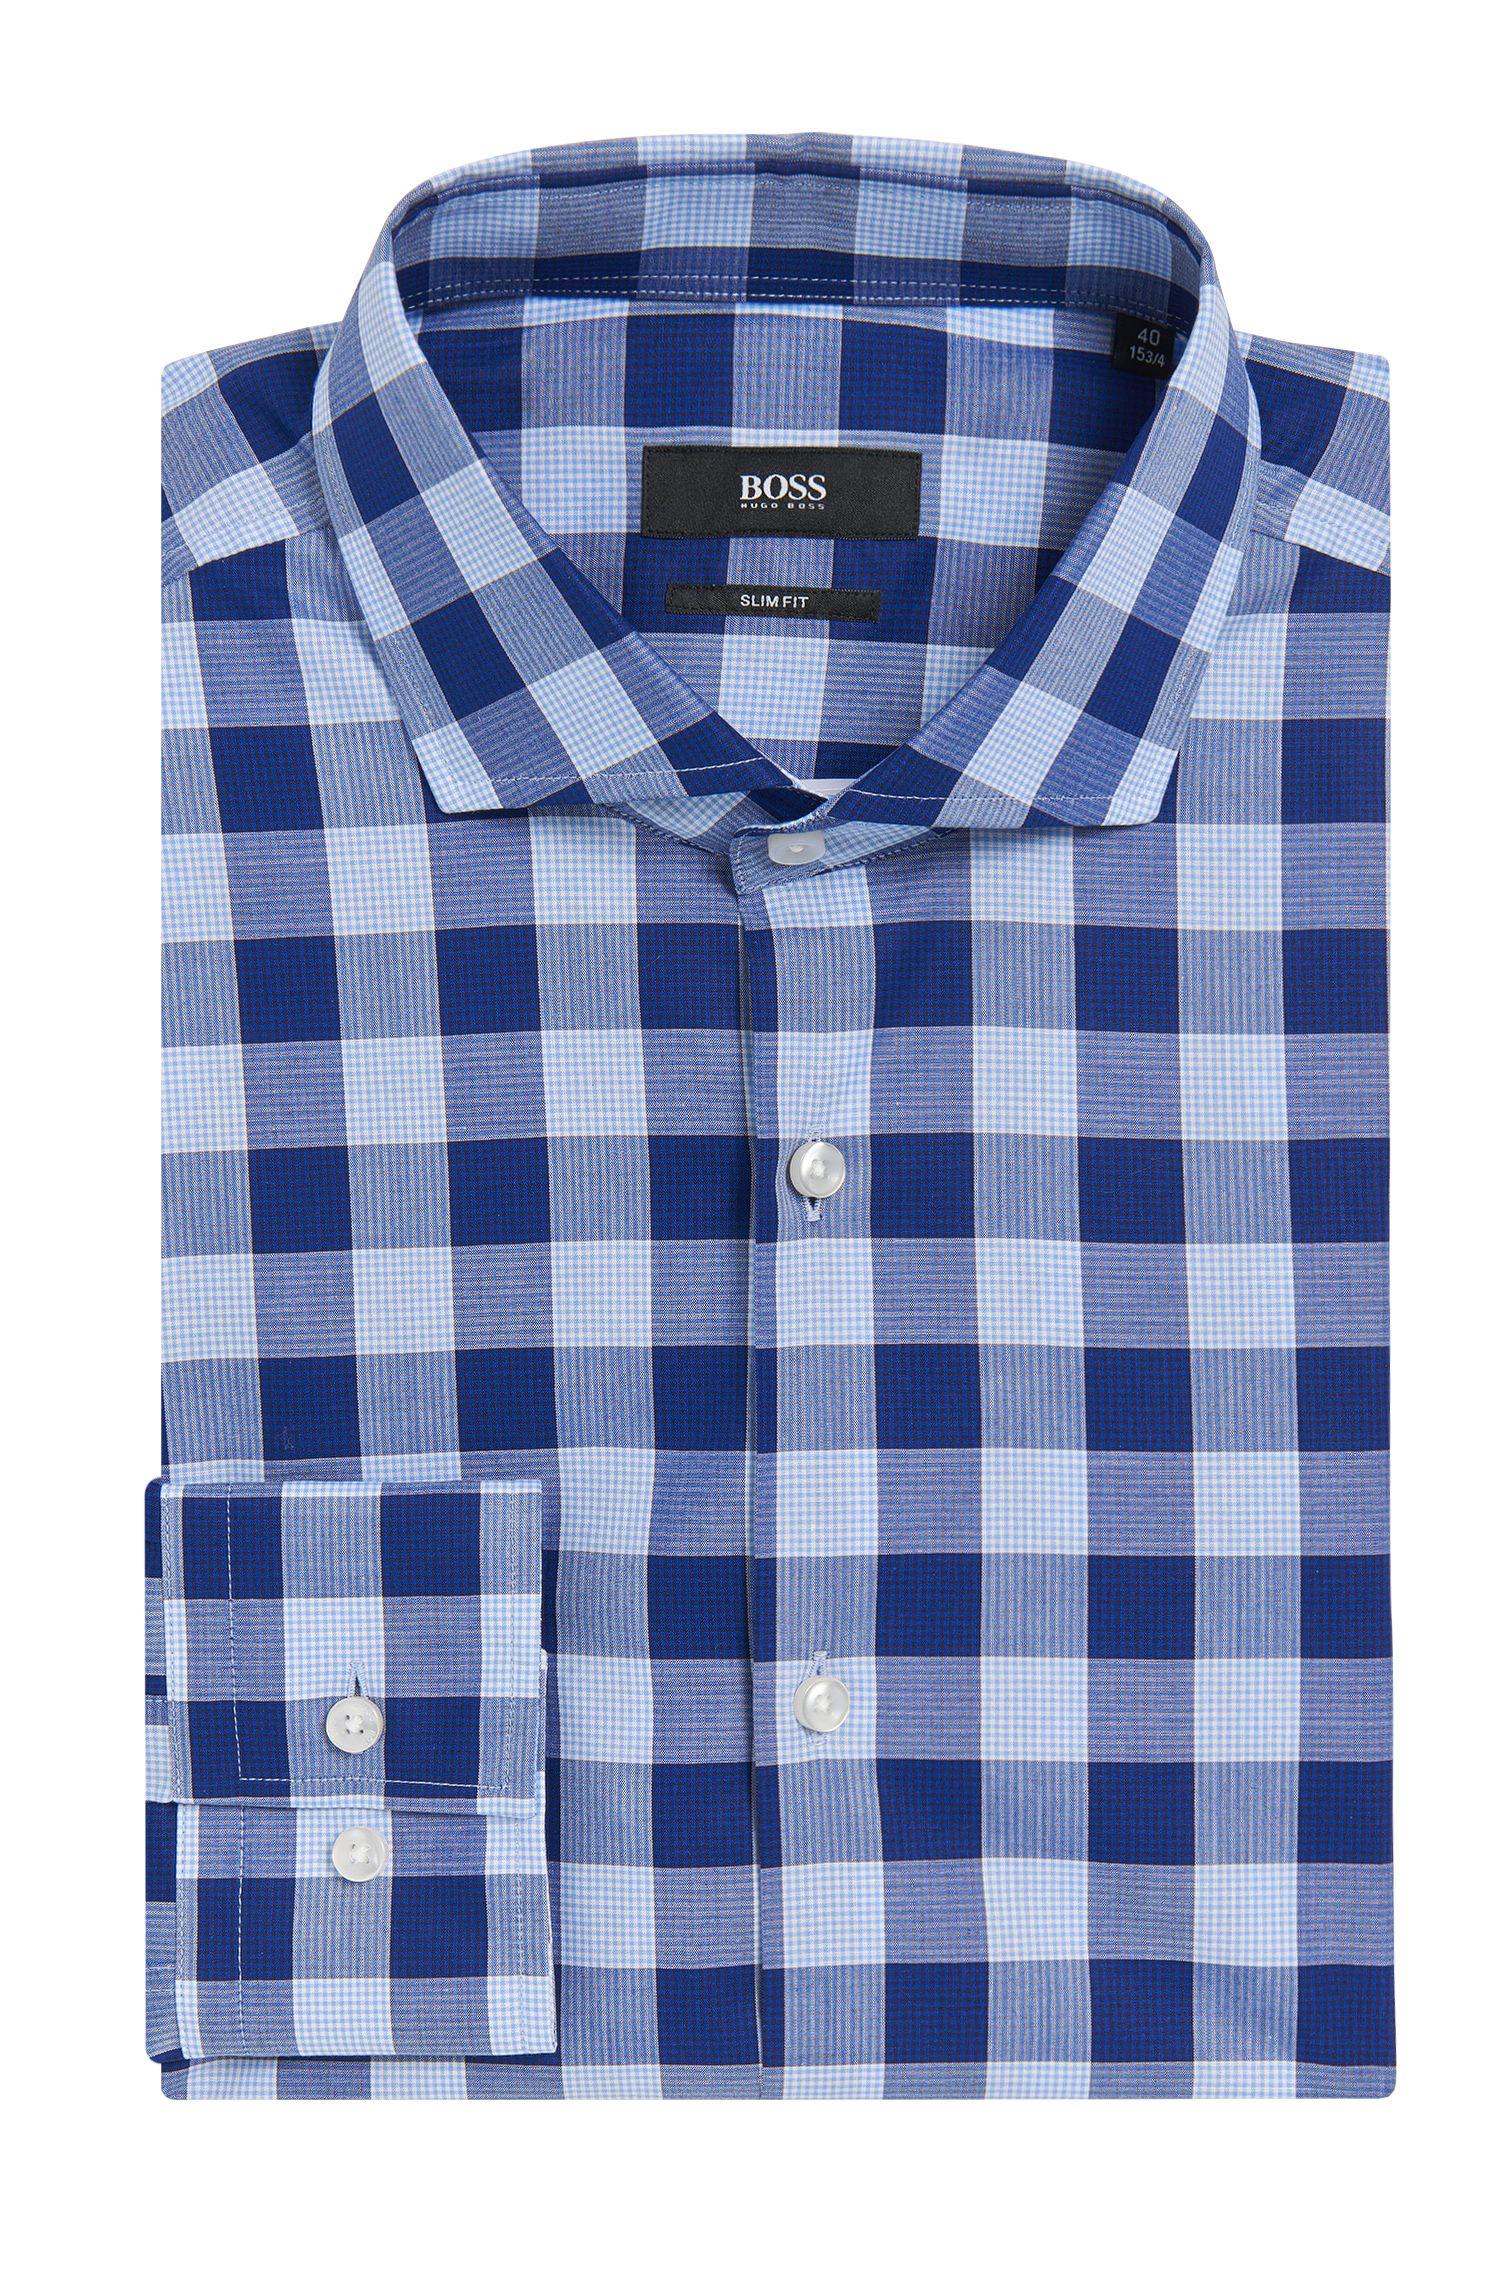 Buffalo Check Cotton Dress Shirt, Slim Fit | Jason